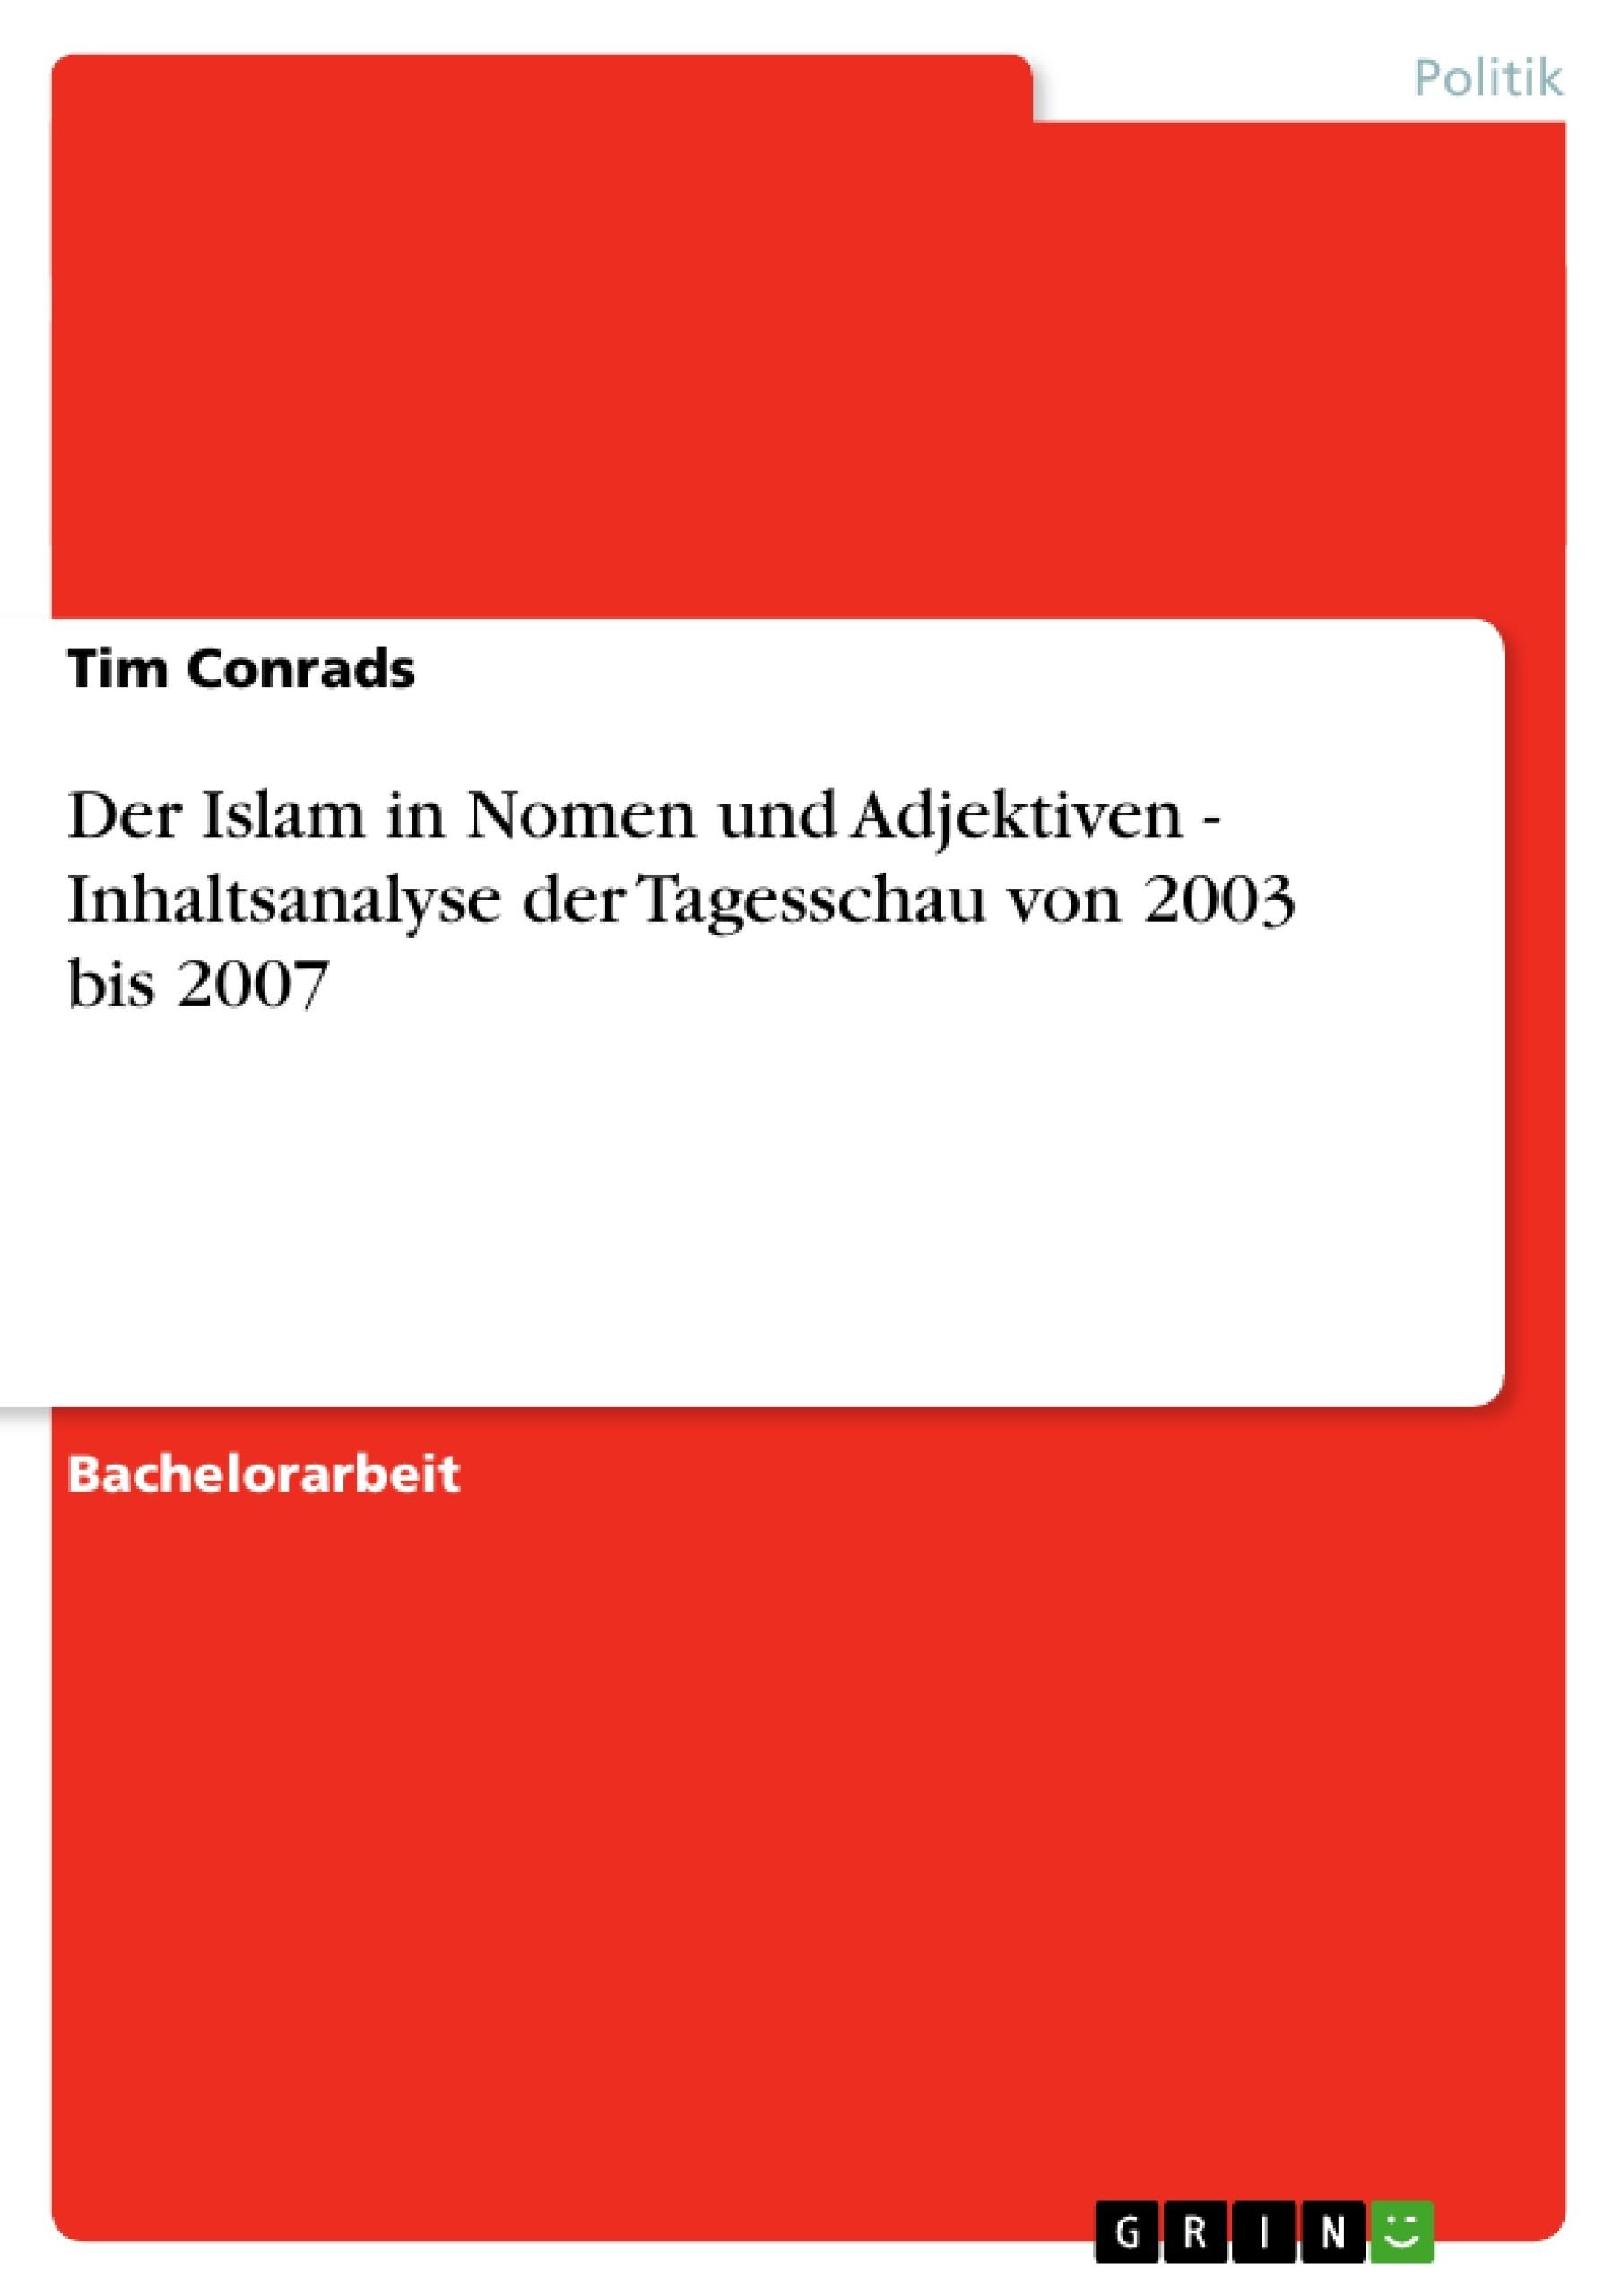 Titel: Der Islam in Nomen und Adjektiven - Inhaltsanalyse der Tagesschau von 2003 bis 2007